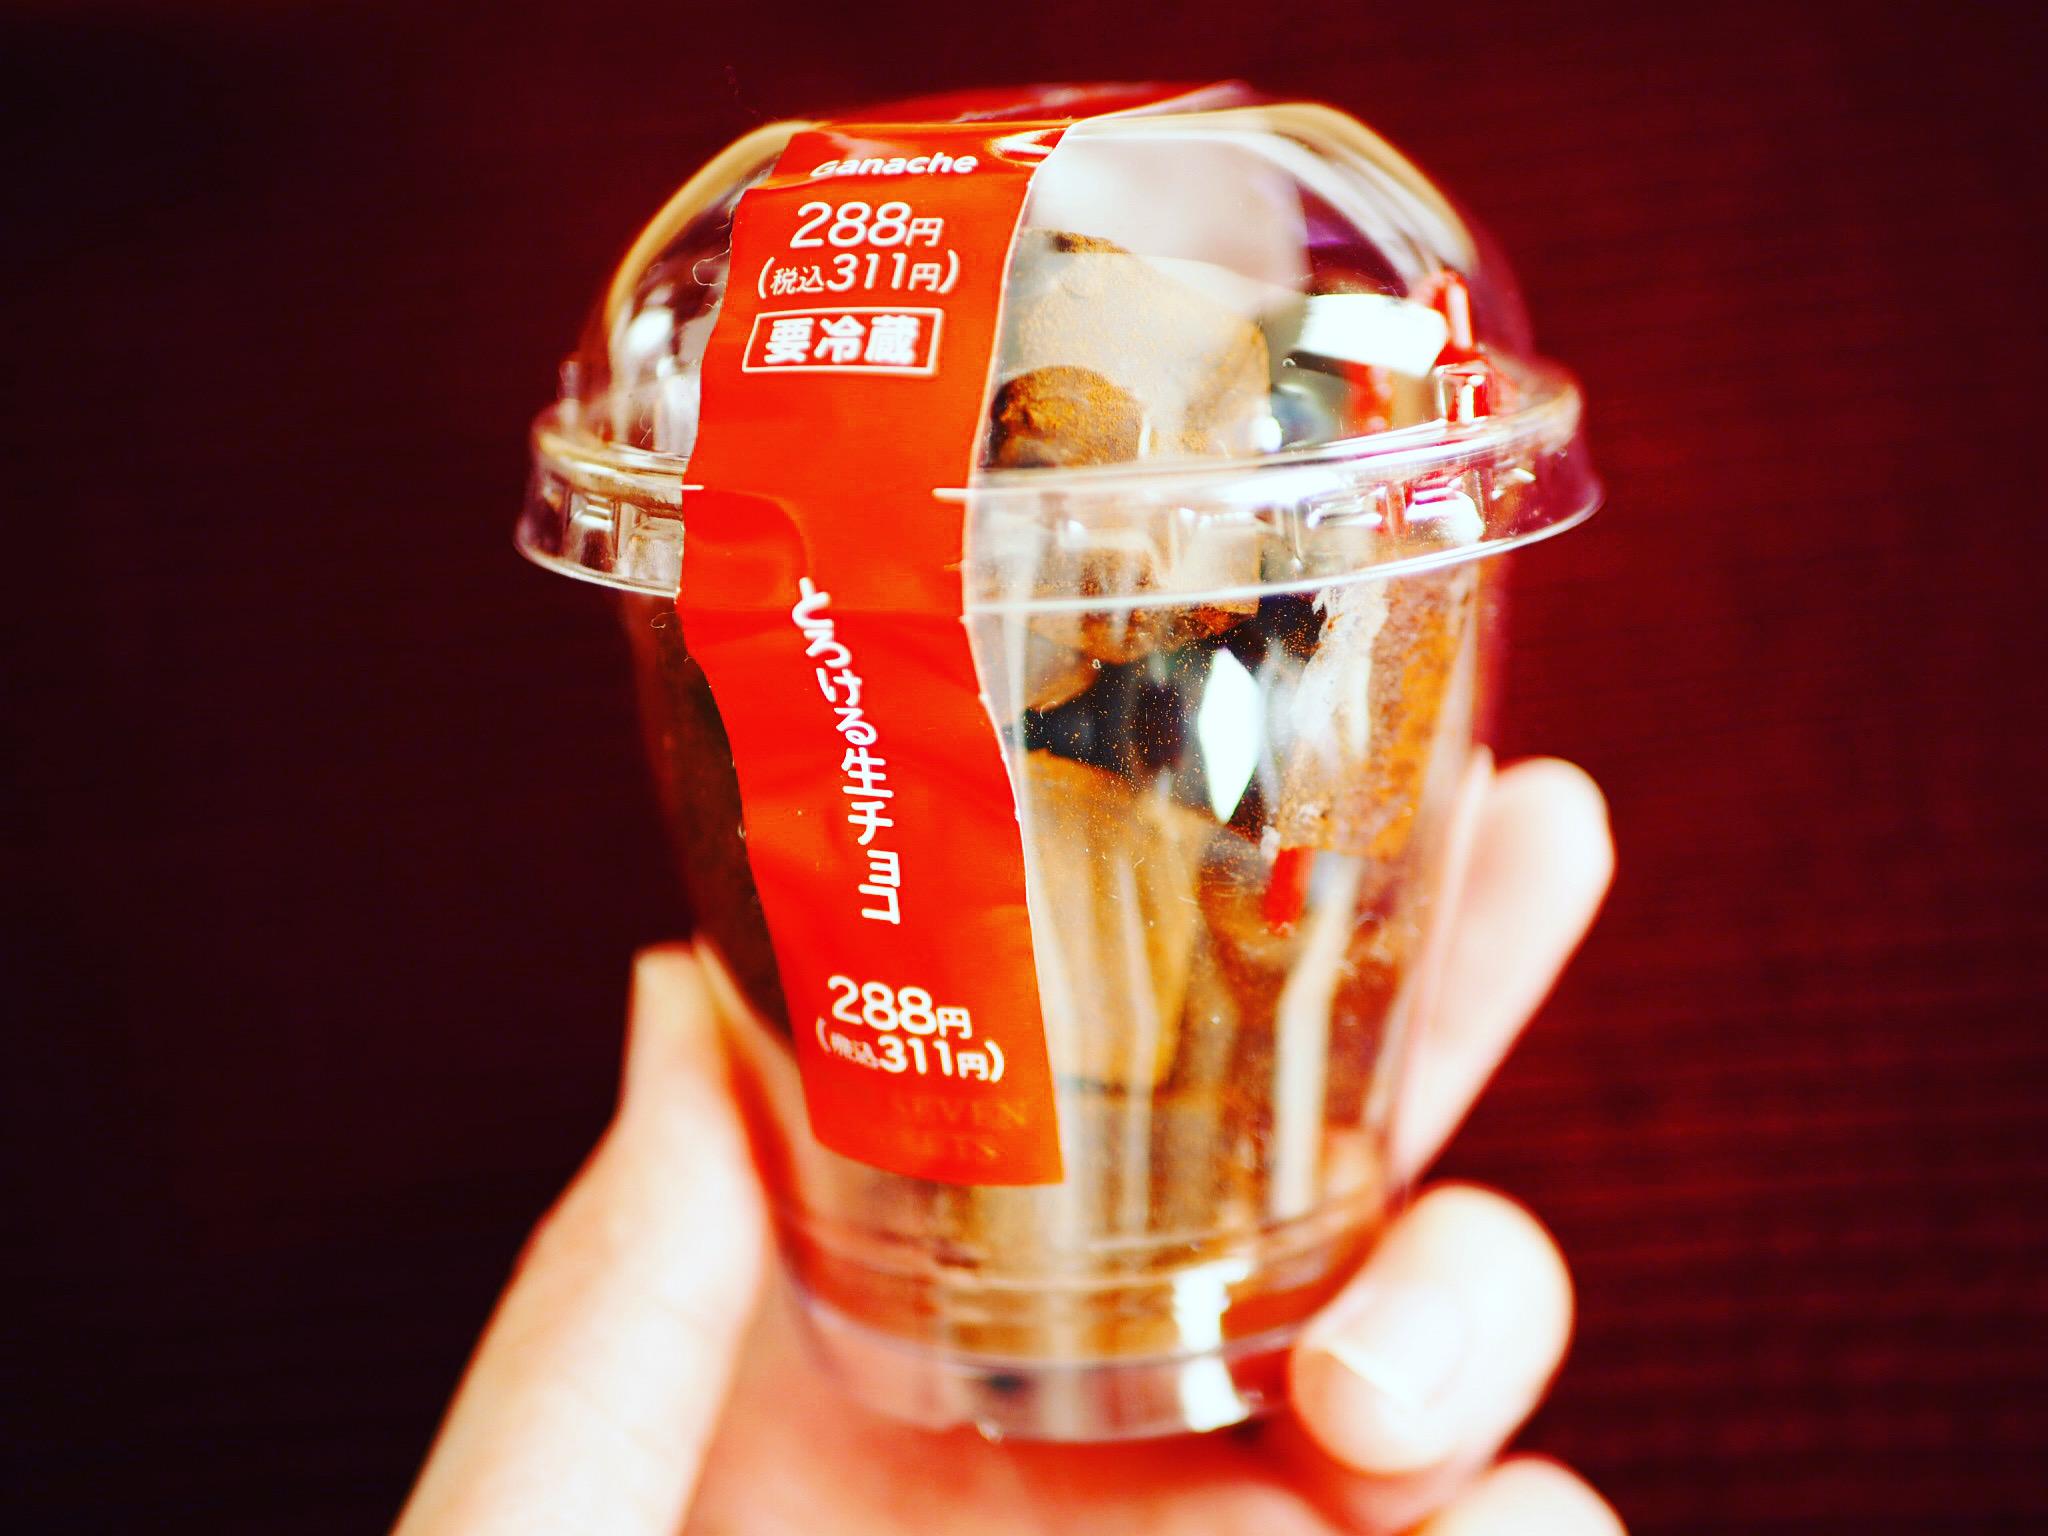 【セブン‐イレブン×バレンタイン】《とろける生チョコ》がたまらない美味しさ♡_5